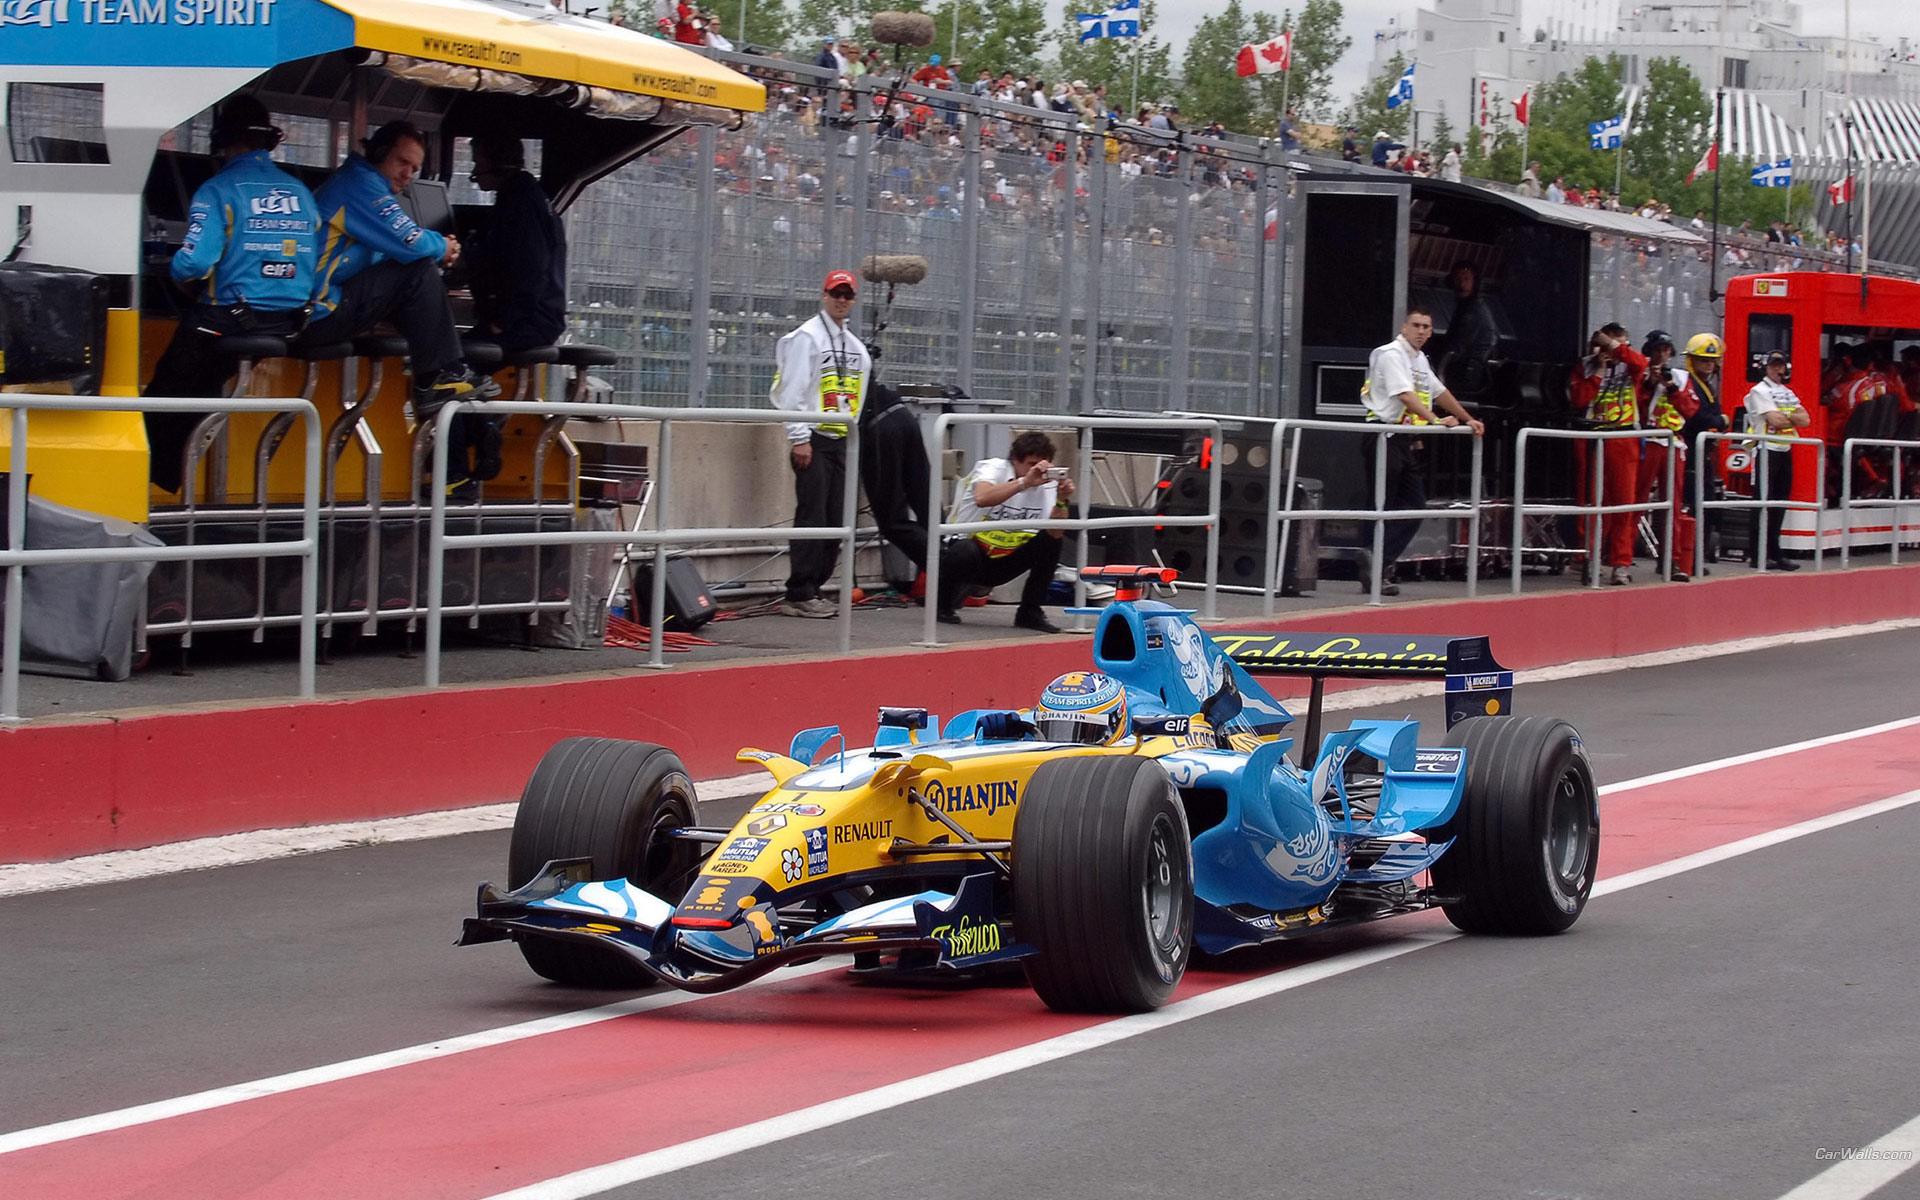 Autos F1 en las pistas - 1920x1200